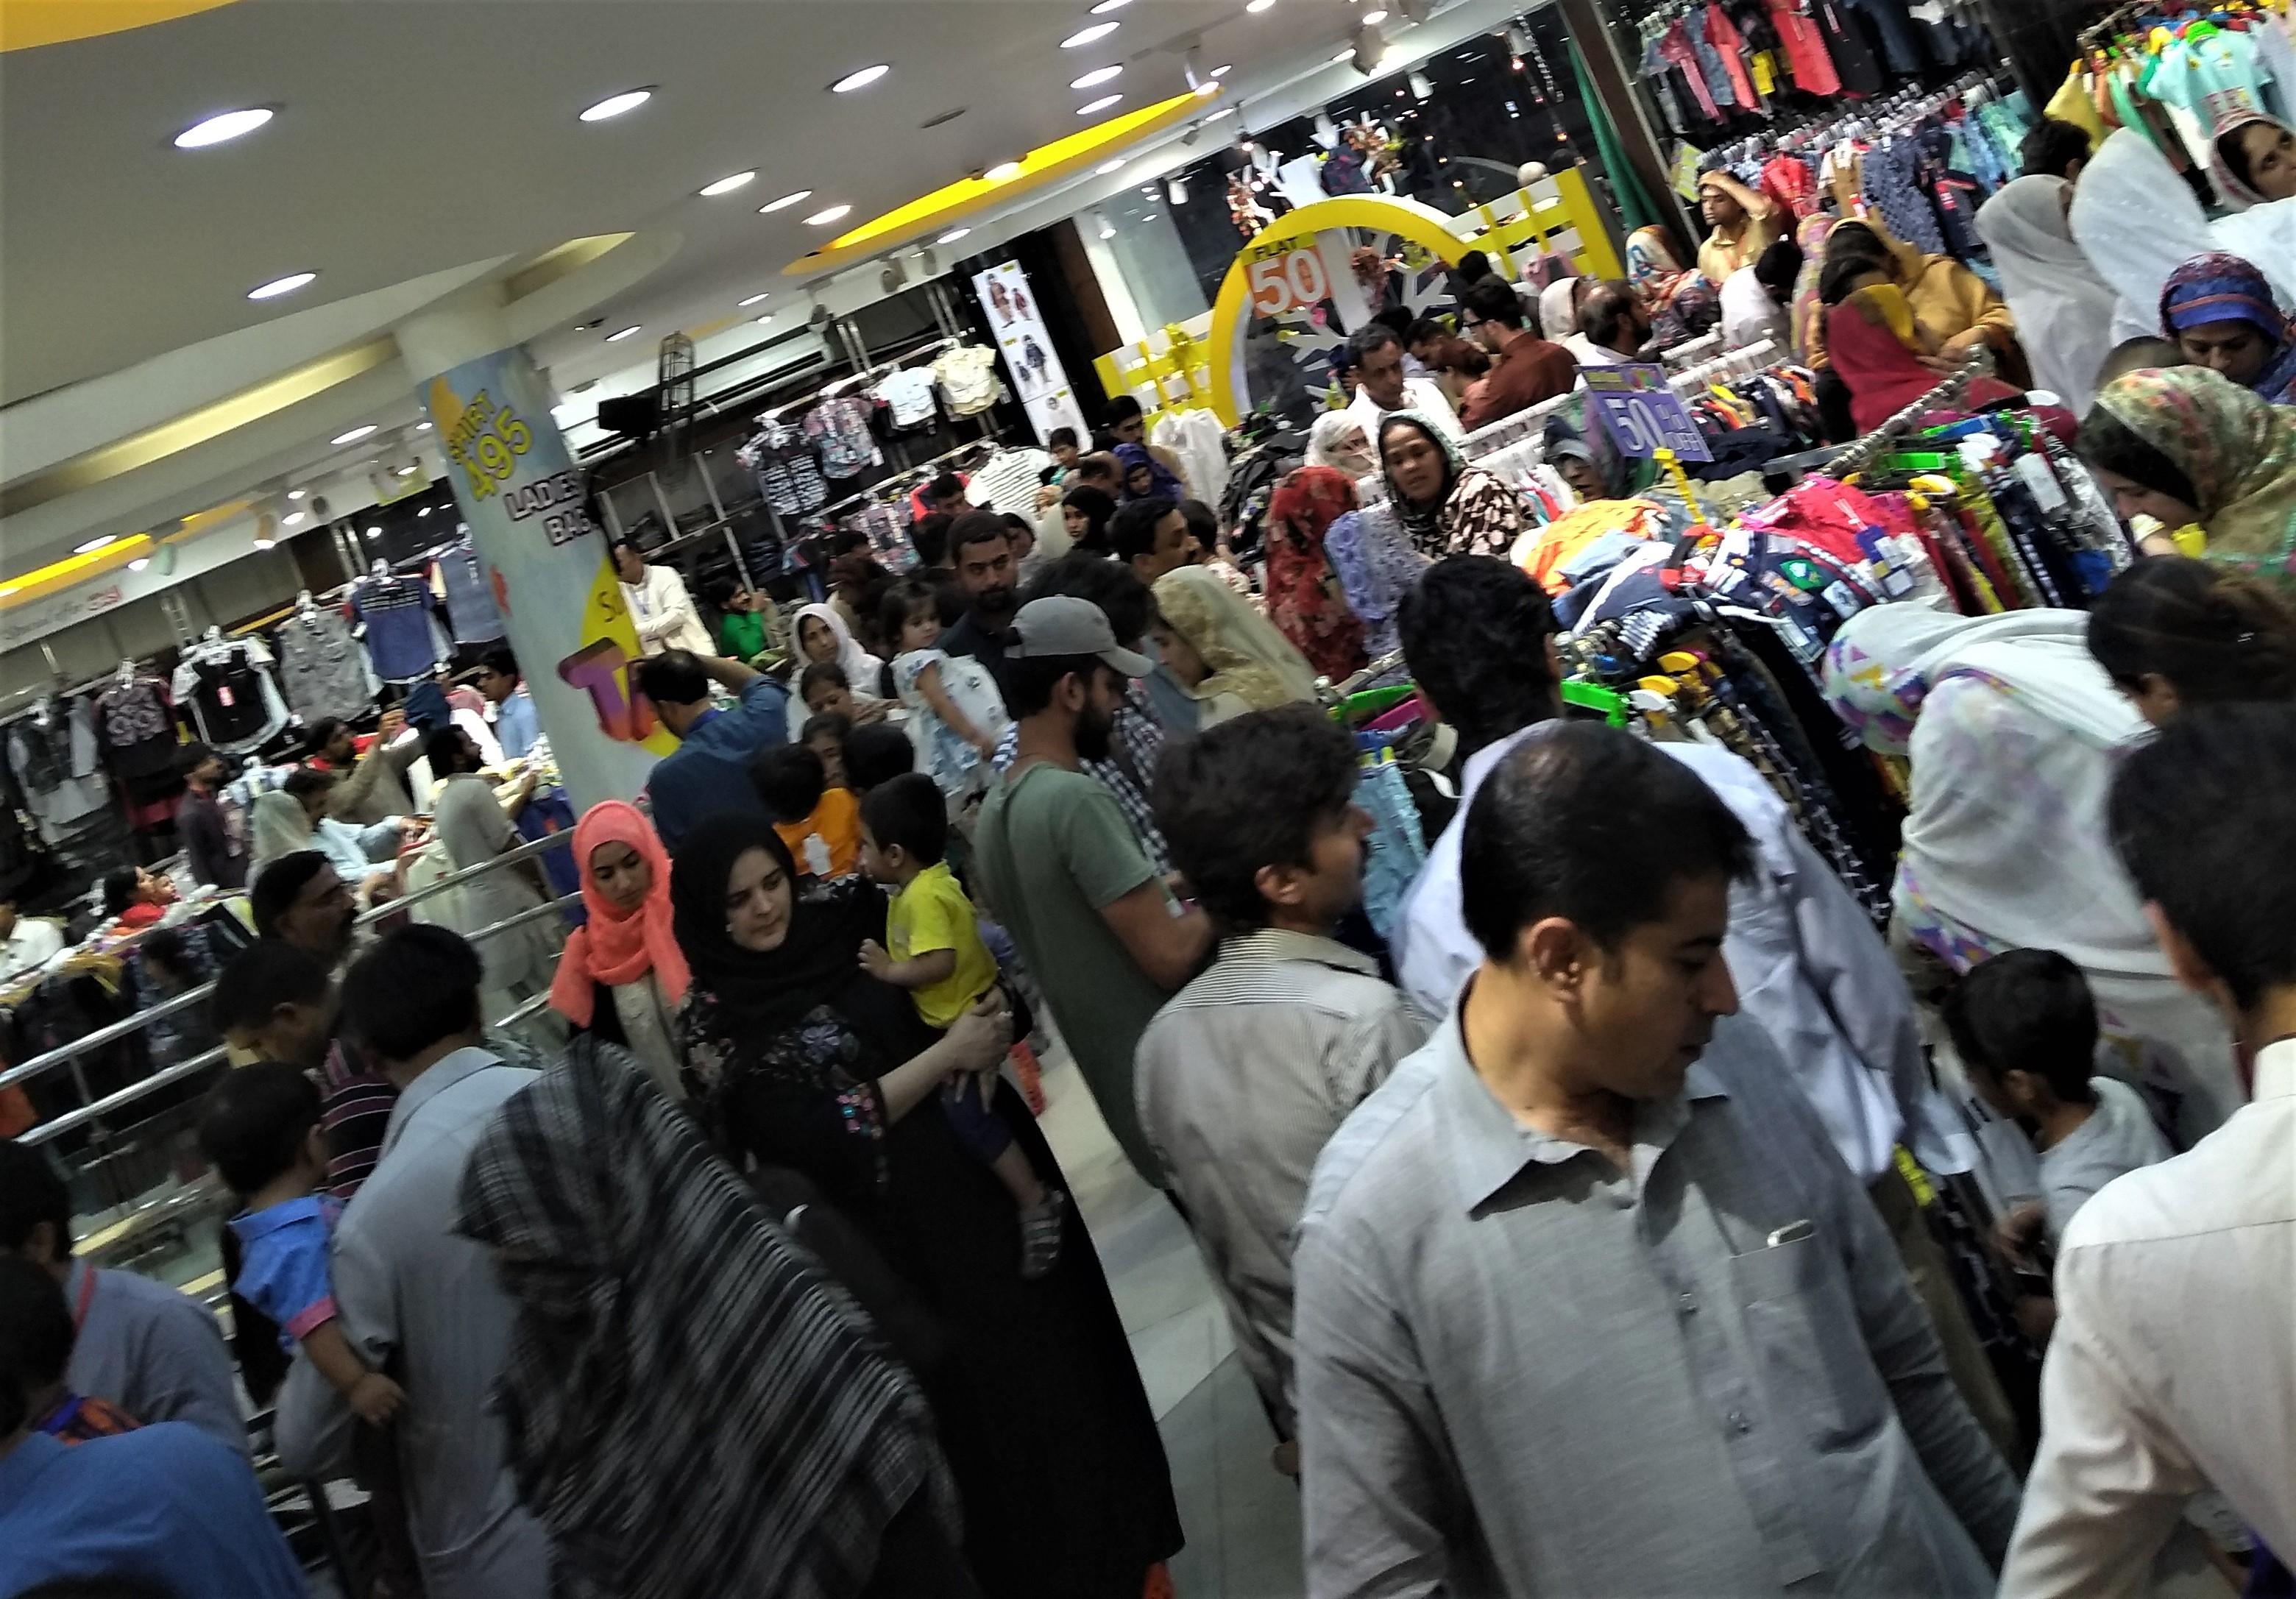 تصاویر میں: عید الفطر سے قبل پاکستانیوں کا بازاروں میں رش